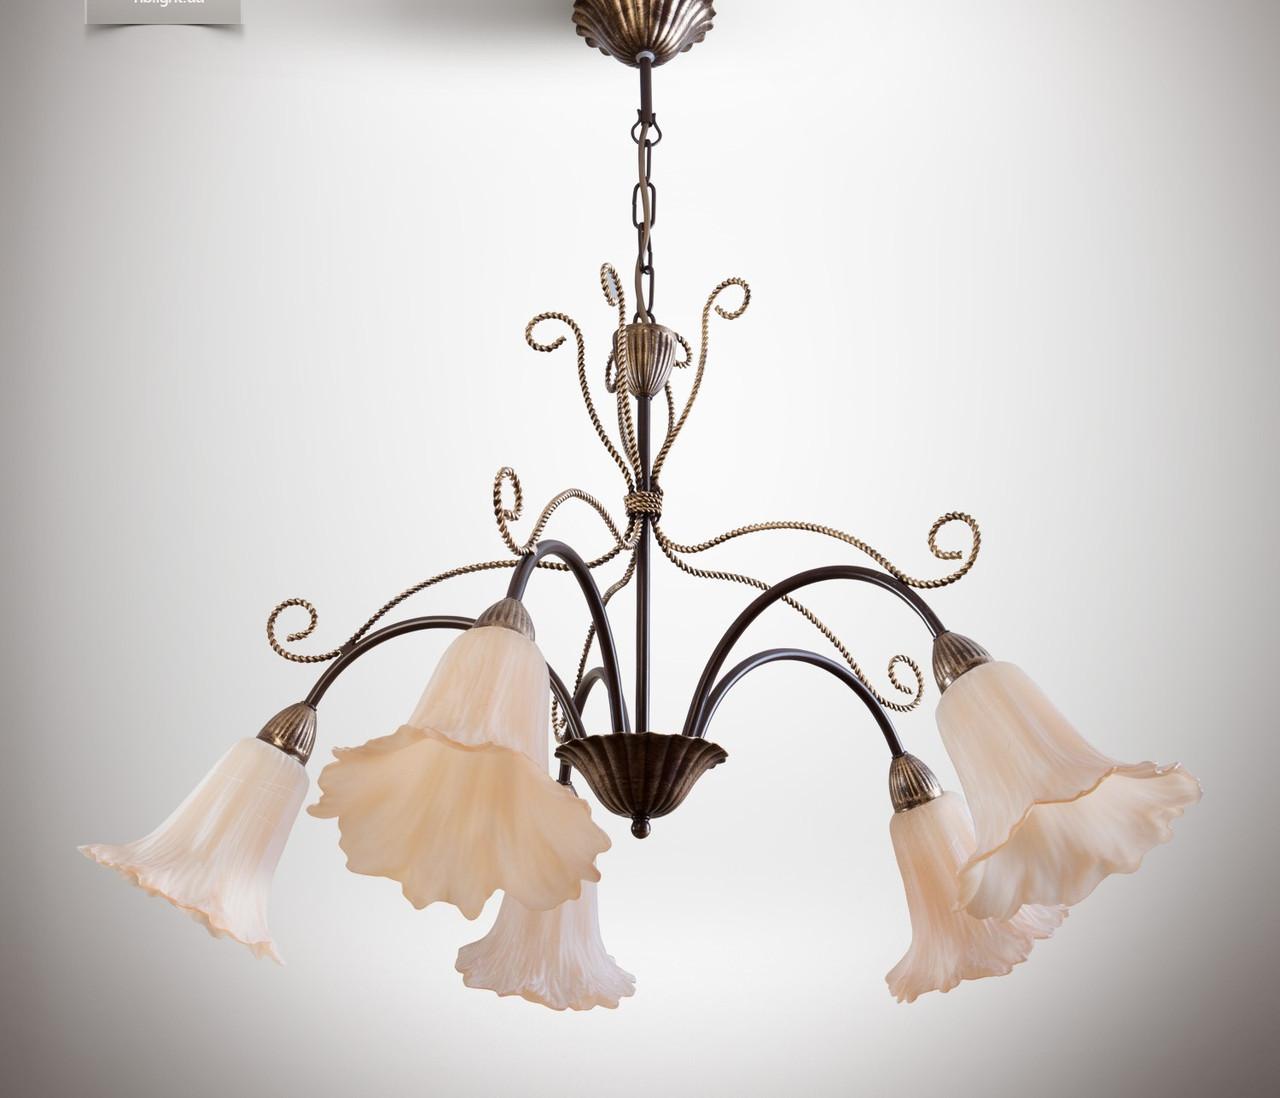 Люстра для большой комнаты, зал, 5-ти ламповая  1755